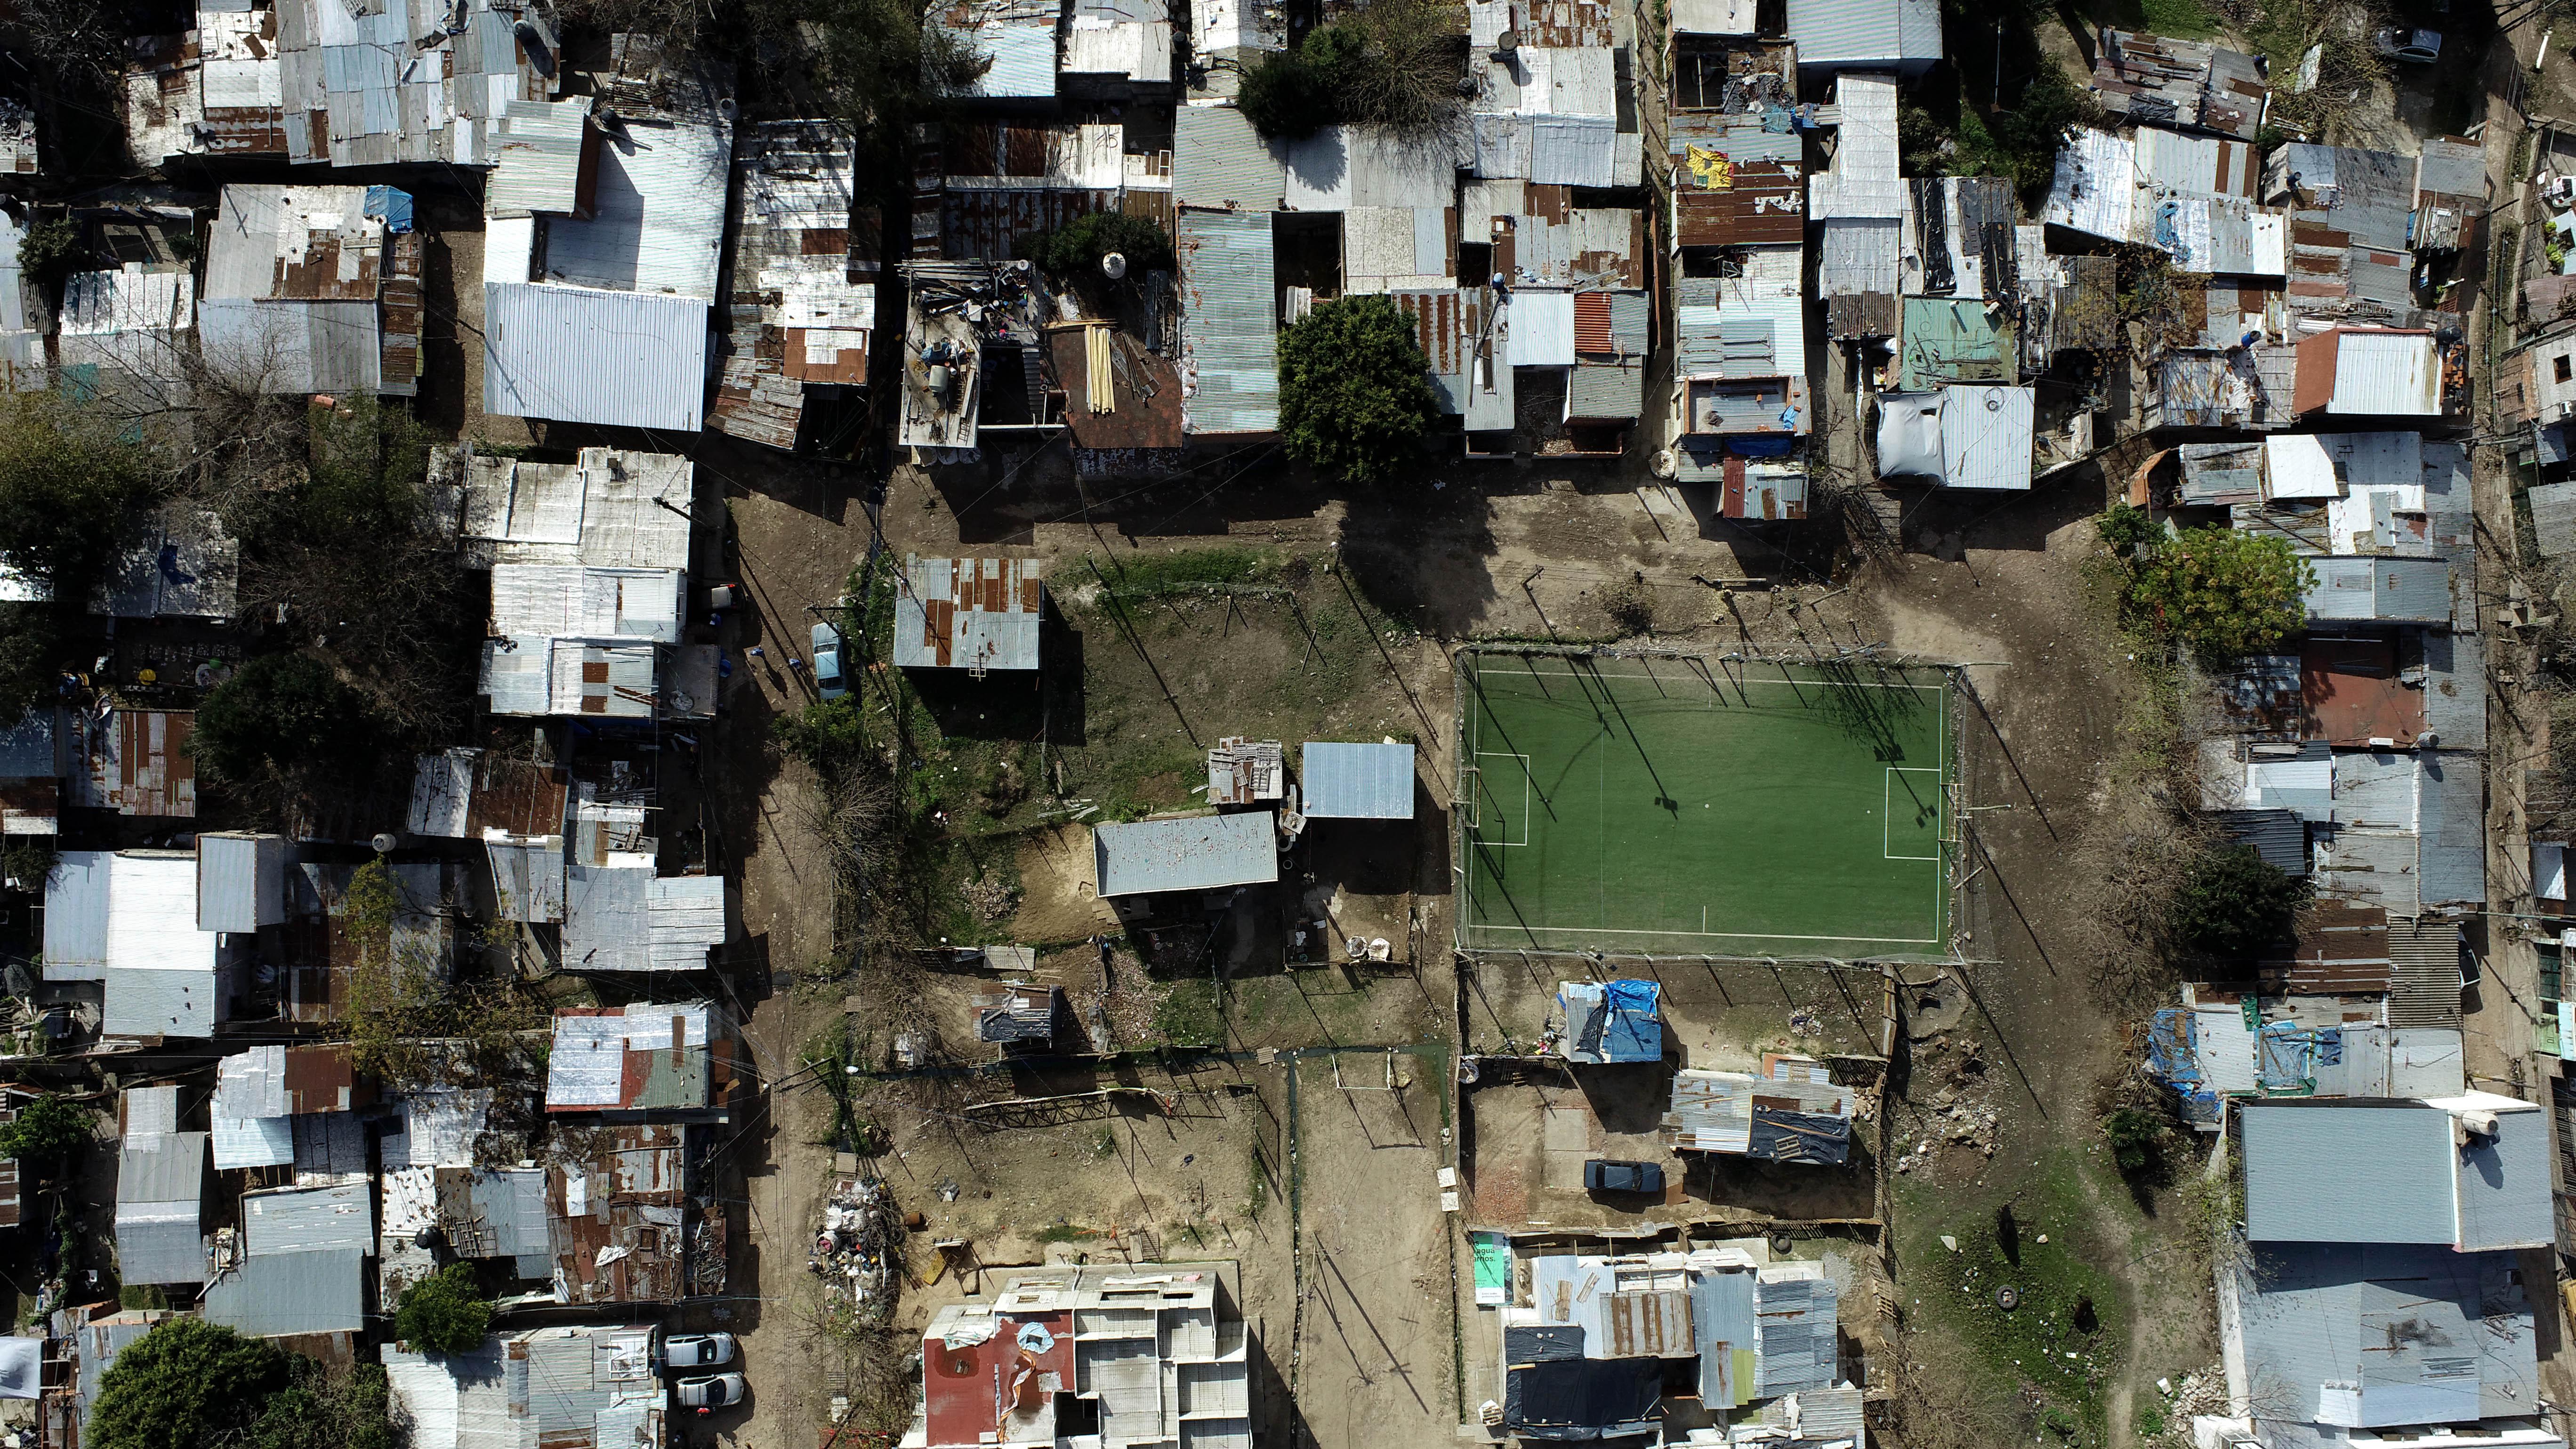 Los vecinos del lugar aseguran que el foco de contagio fue la cancha de fútbol de la zona conocida como